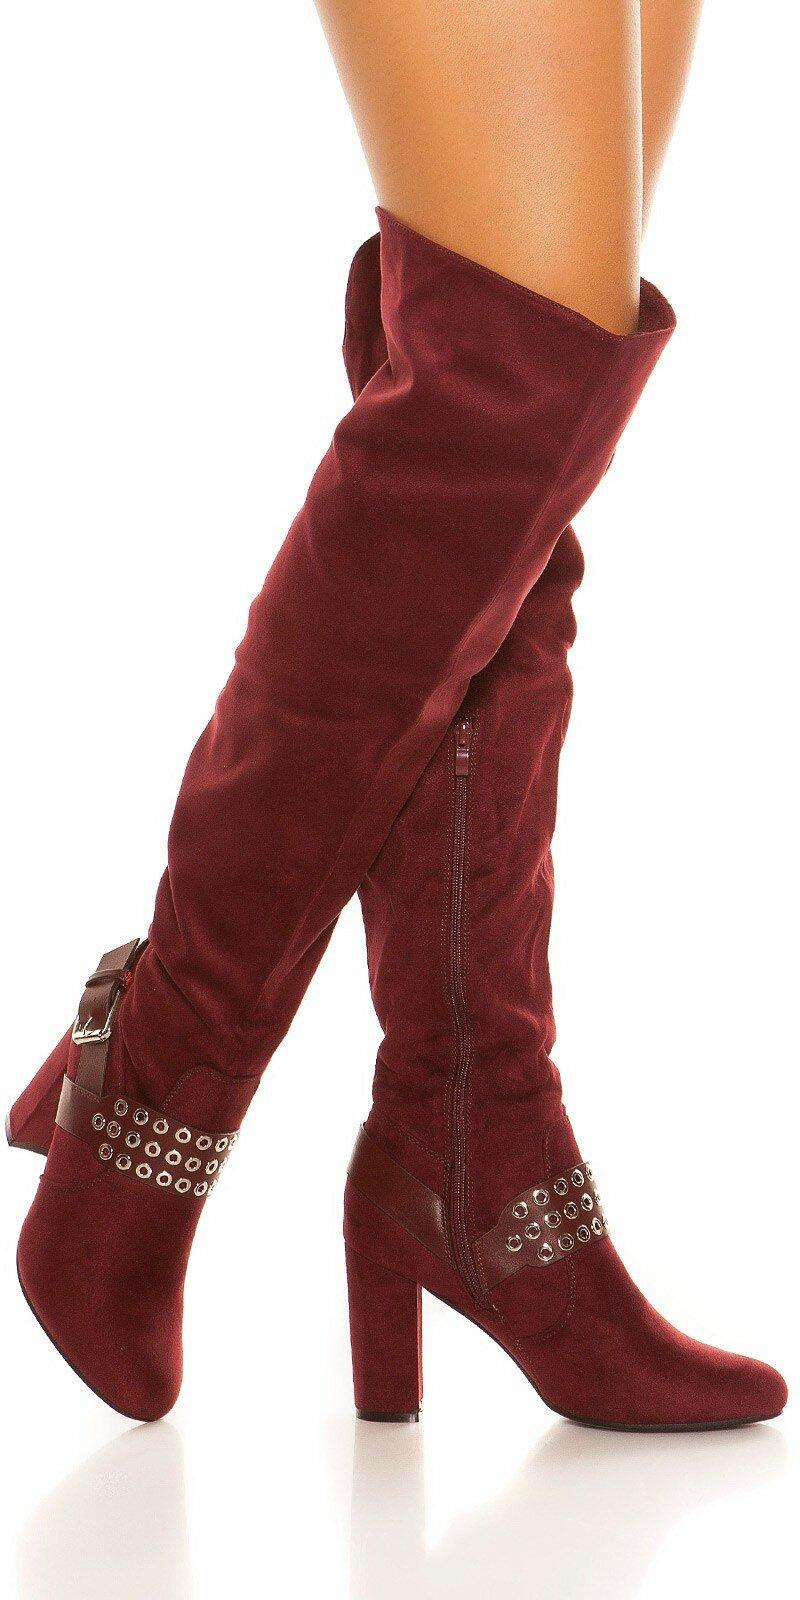 cae090e202b9 Vysoké semišové čižmy s hrubým podpätkom  Velkosť topánok 39 Farba Bordová